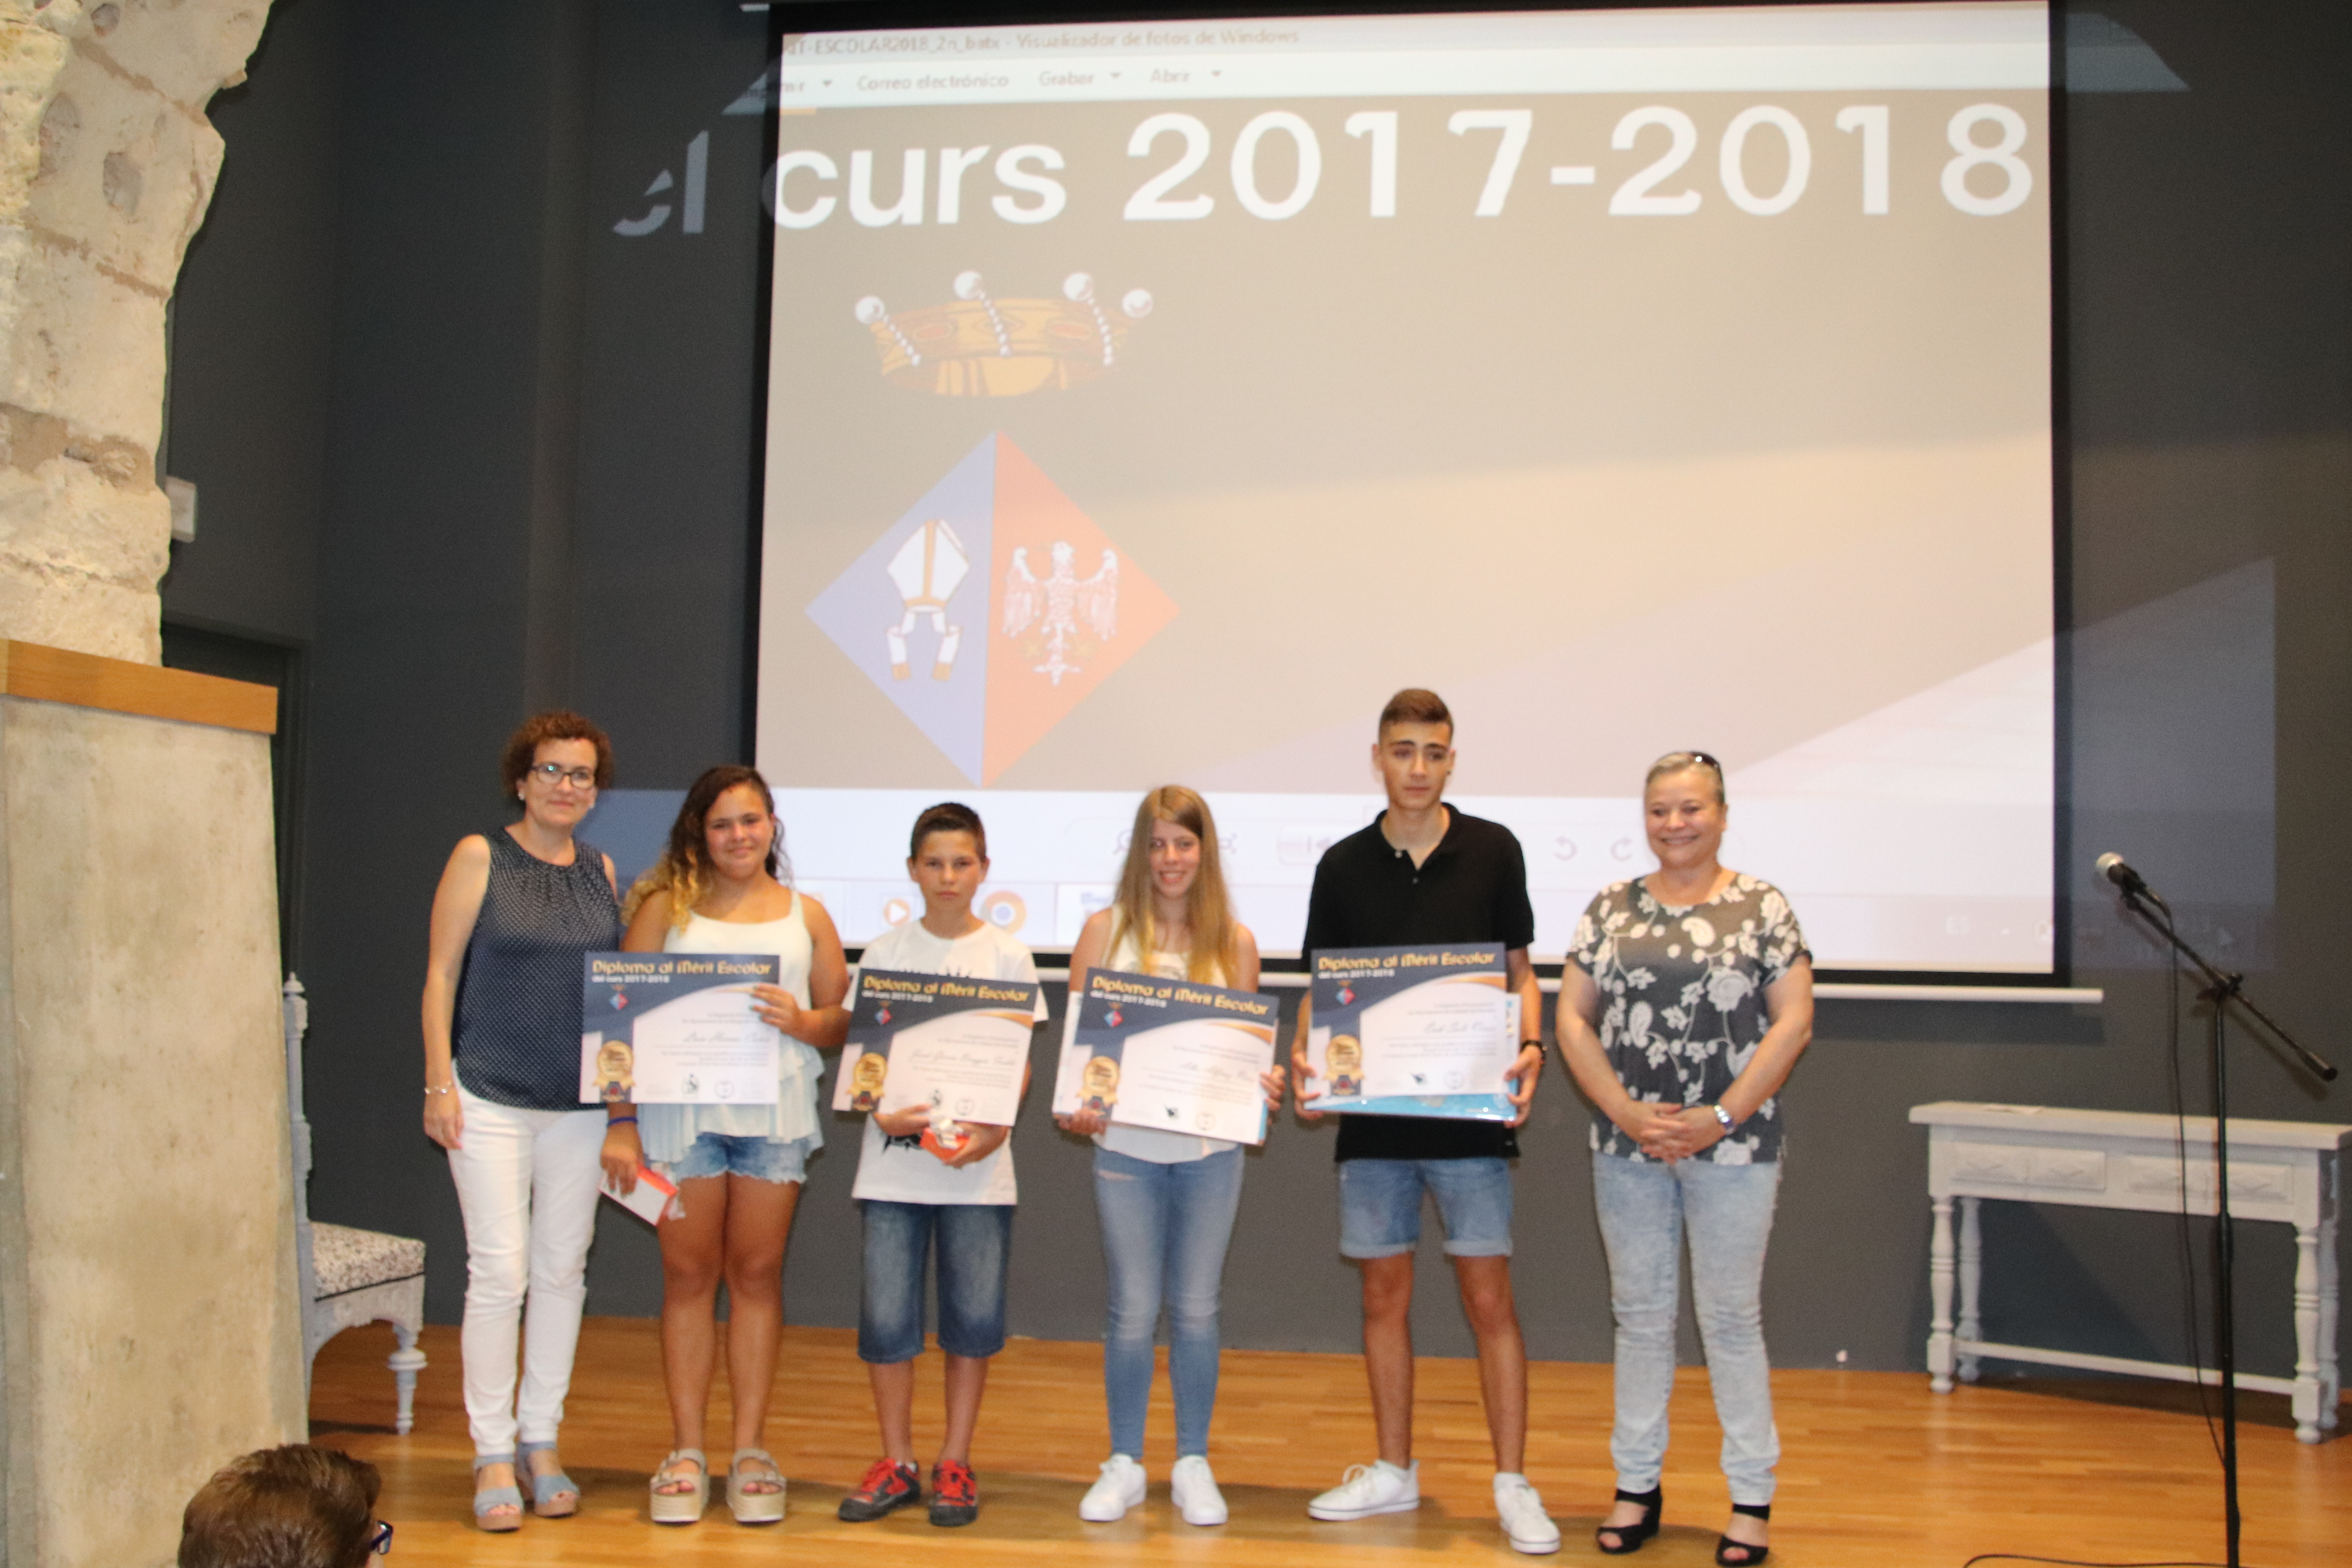 Quatre alumnes bisbalencs han rebut el Premi al Mèrit Escolar aquest dimecres 11 de juliol